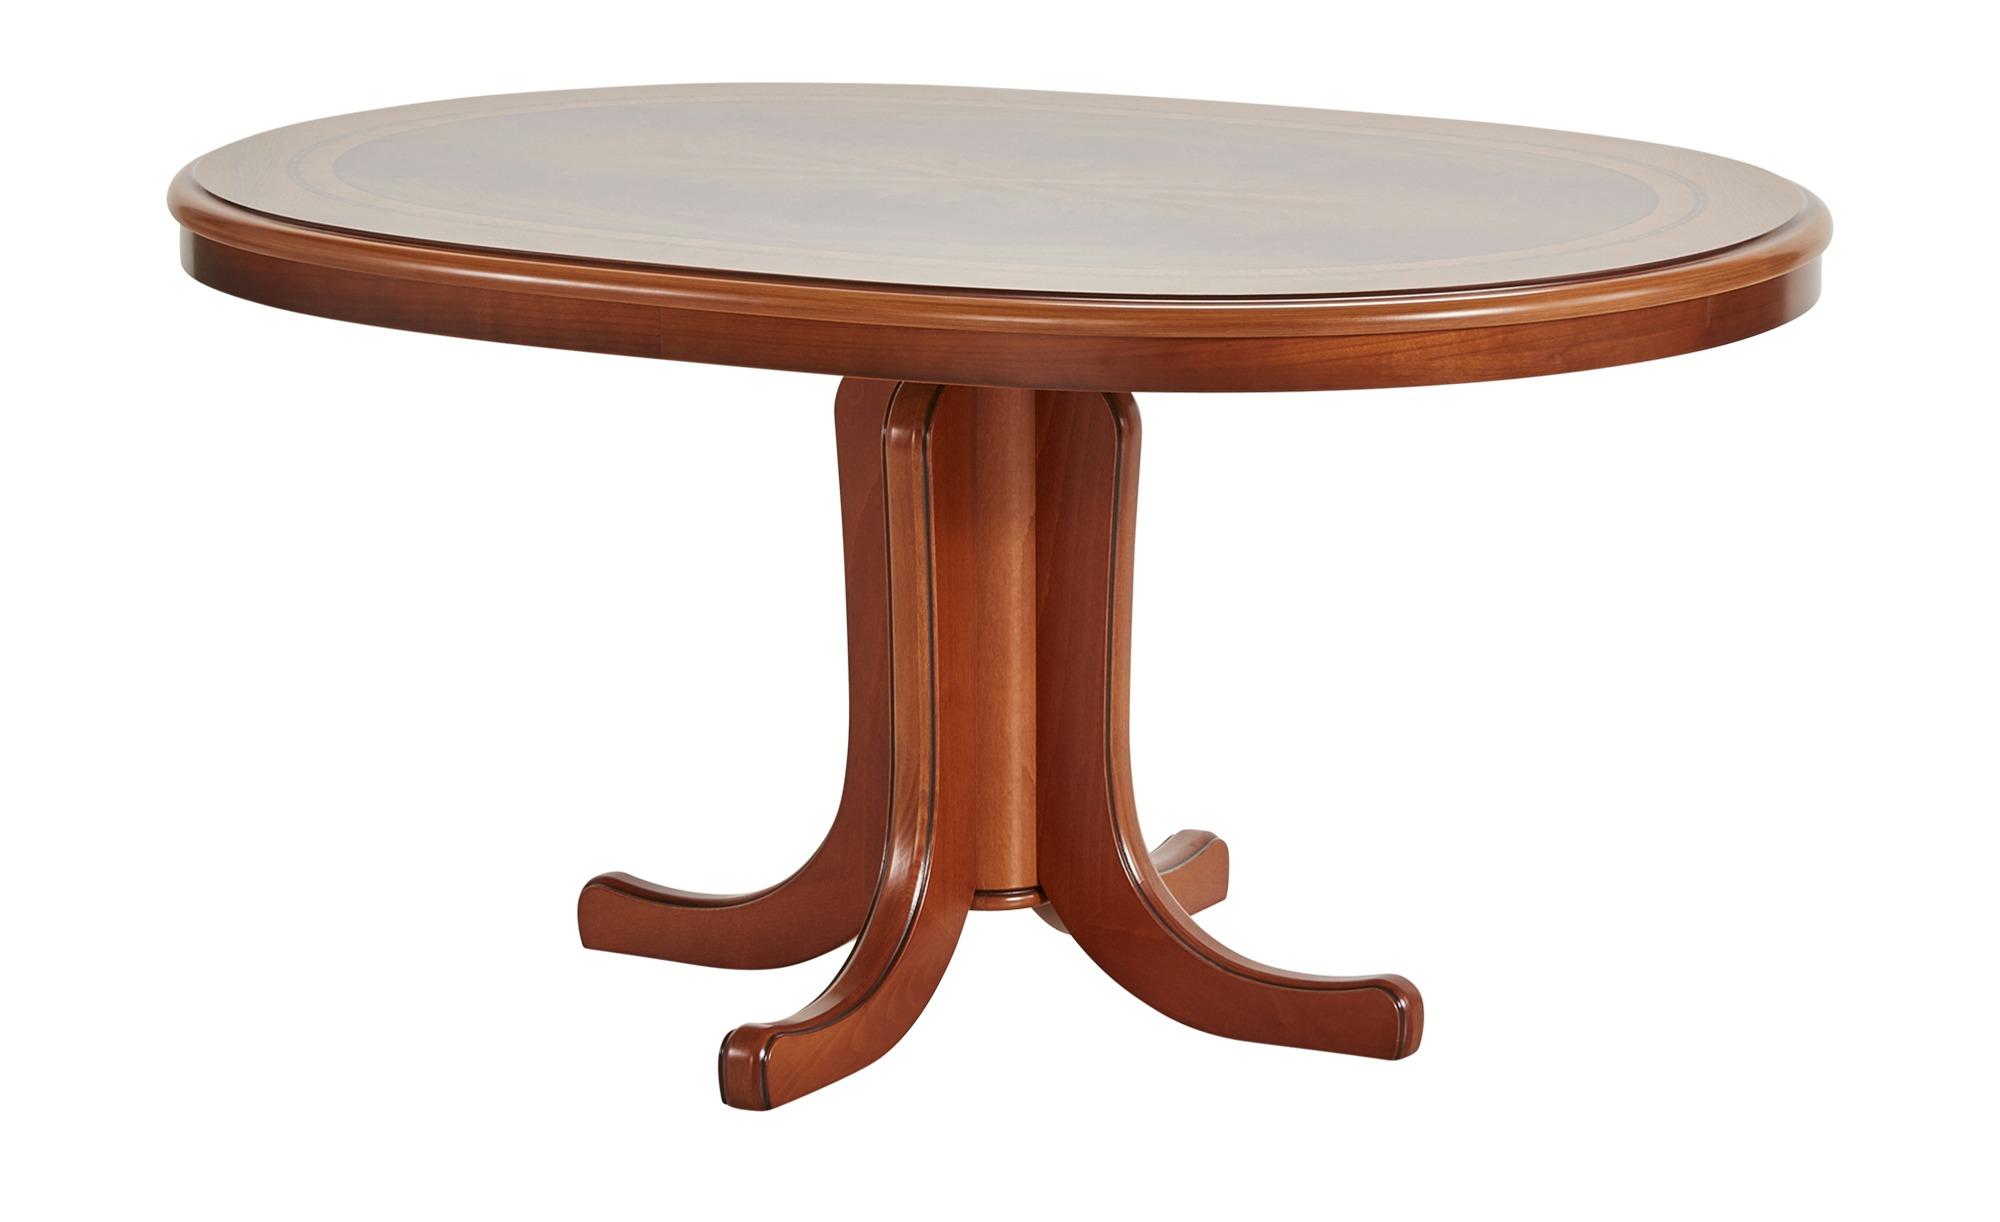 Couchtisch  Giotto ¦ holzfarben ¦ Maße (cm): B: 80 H: 60 Tische > Couchtische > Couchtische höhenverstellbar - Höffner